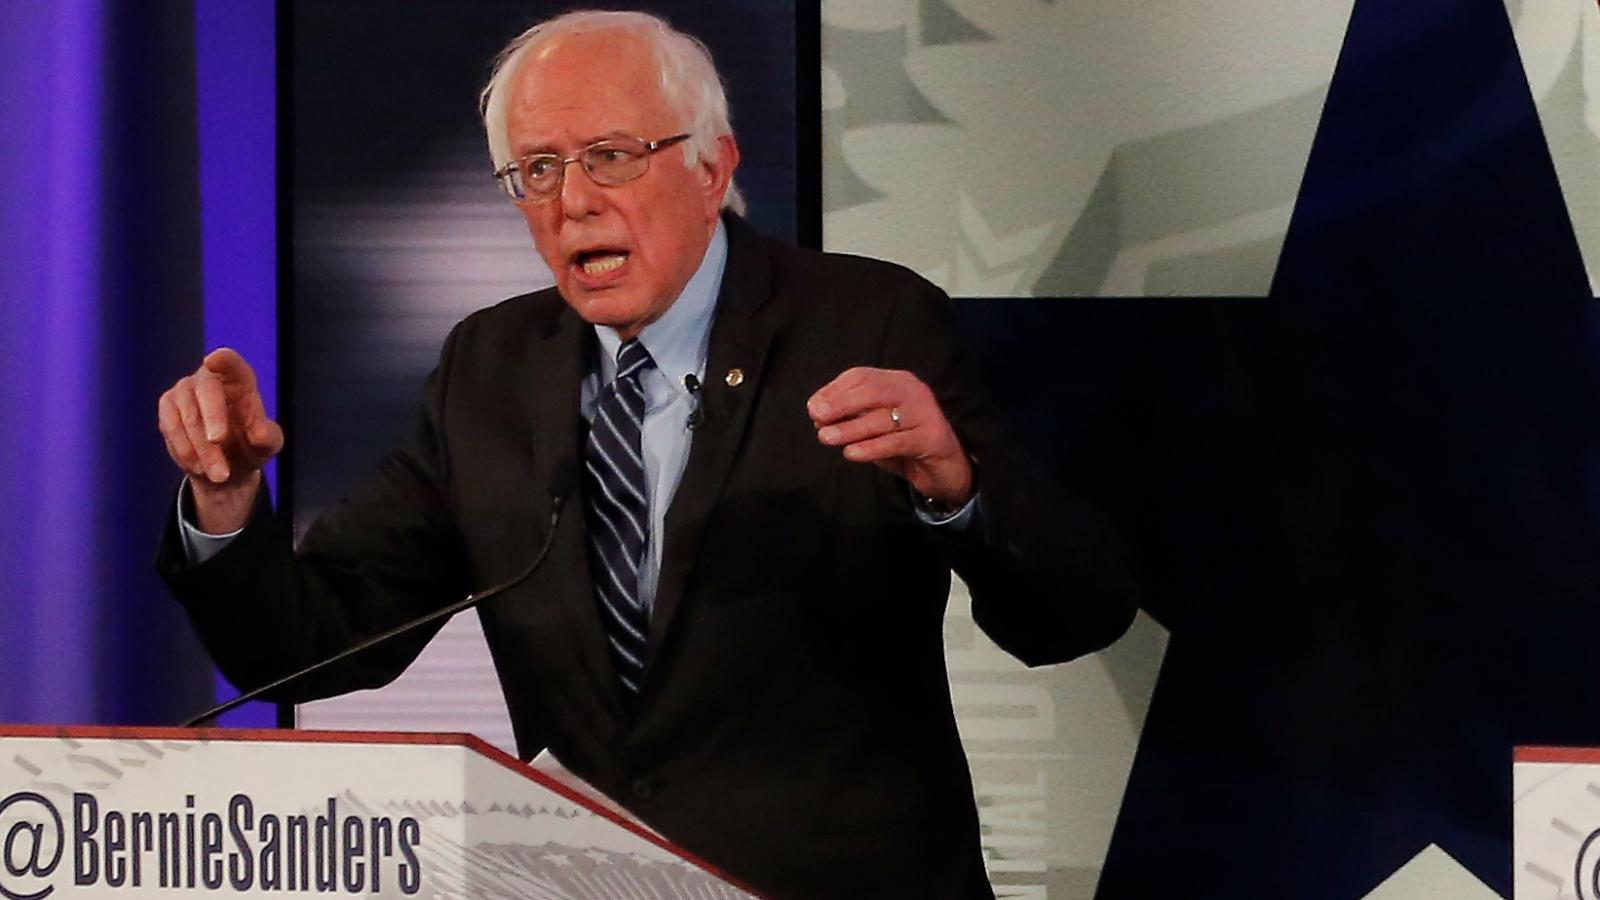 Bernie Sanders at debate